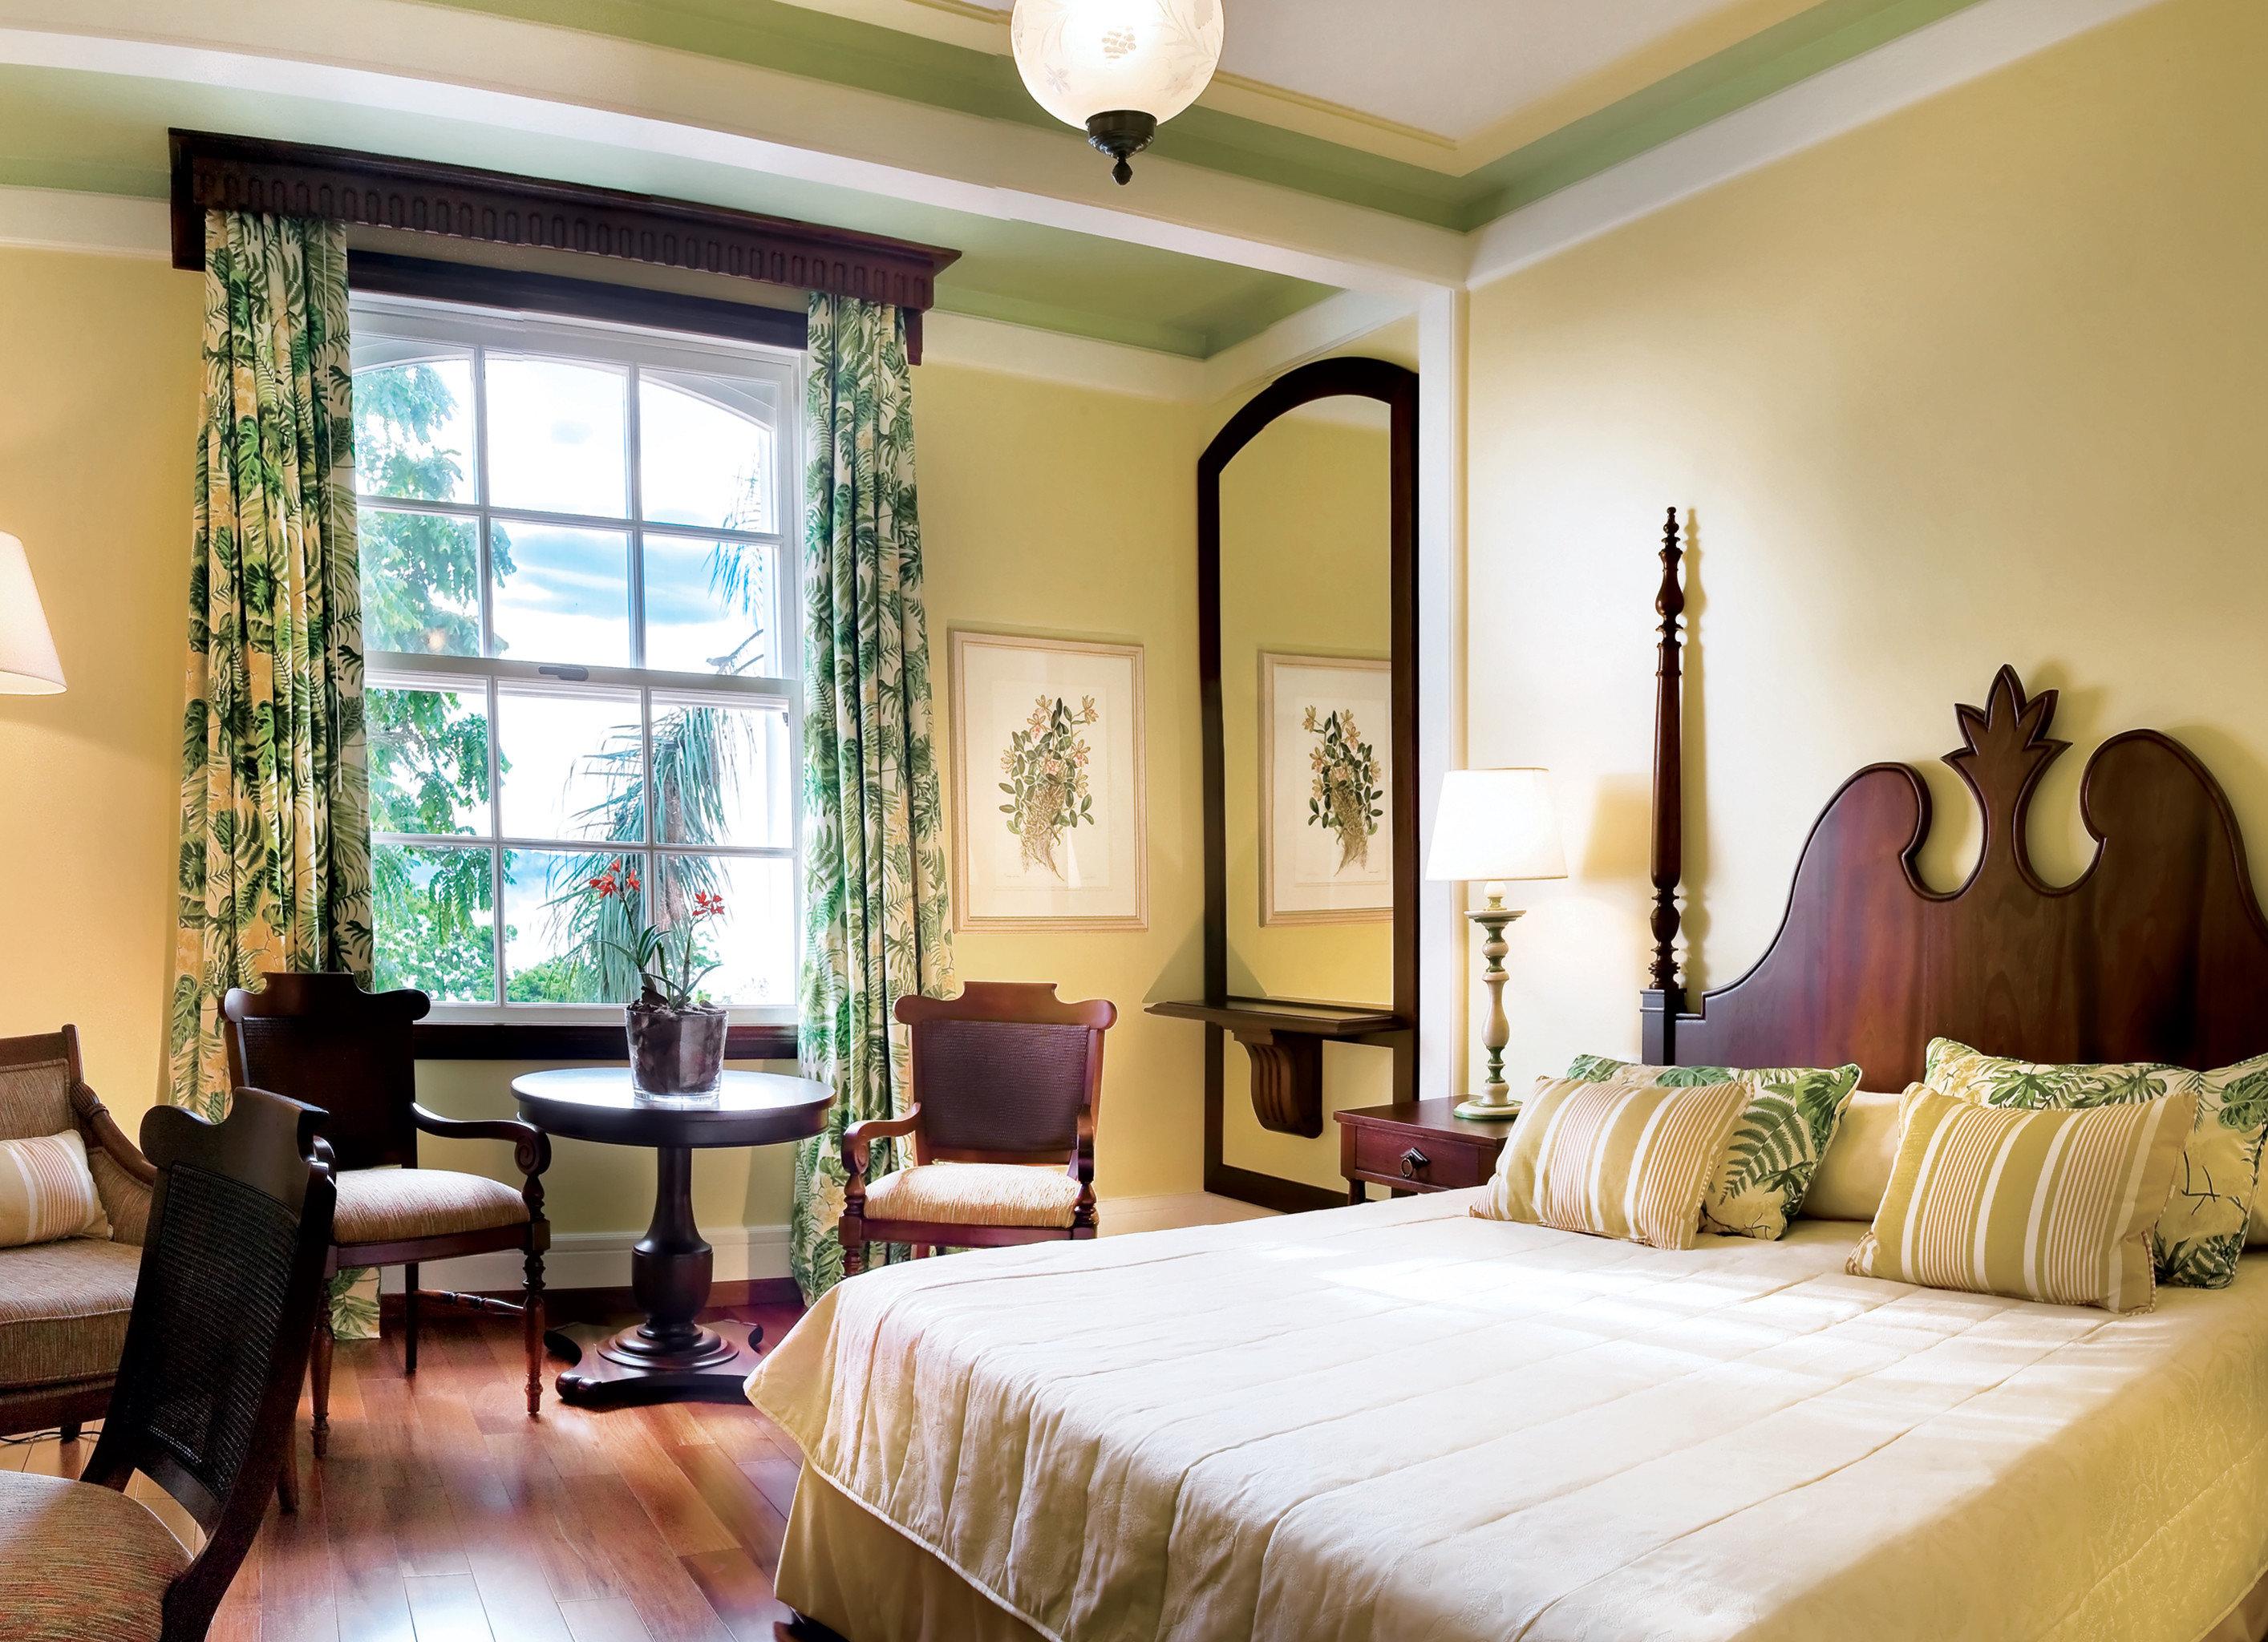 Bedroom Classic Resort Trip Ideas sofa property living room Suite home condominium